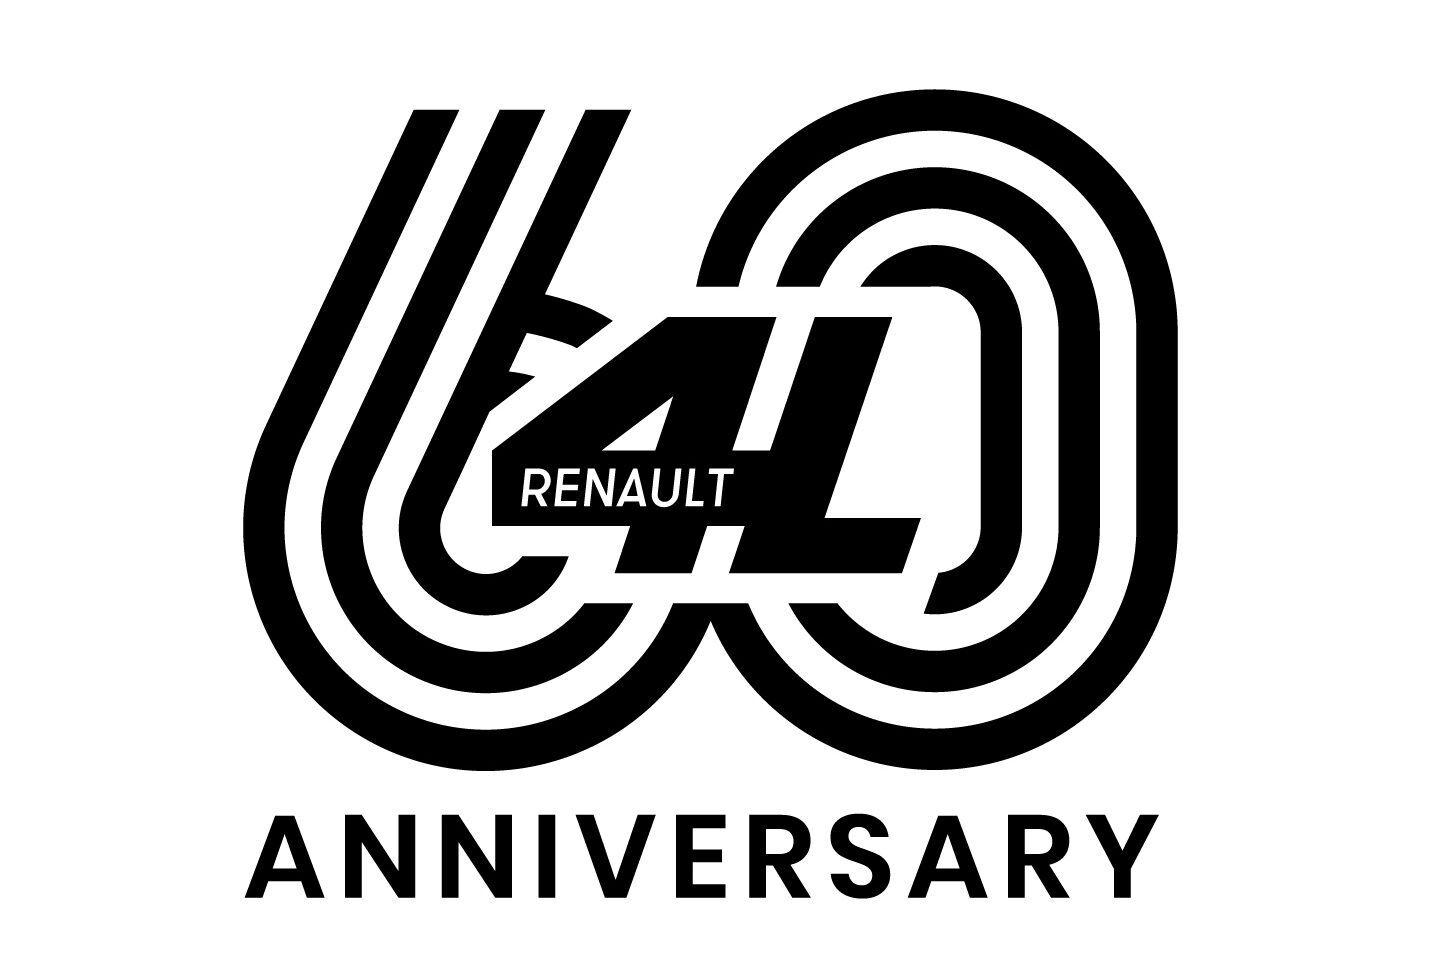 За 30 лет было продано более 8 миллионов автомобилей Renault 4L в более чем 100 странах мира